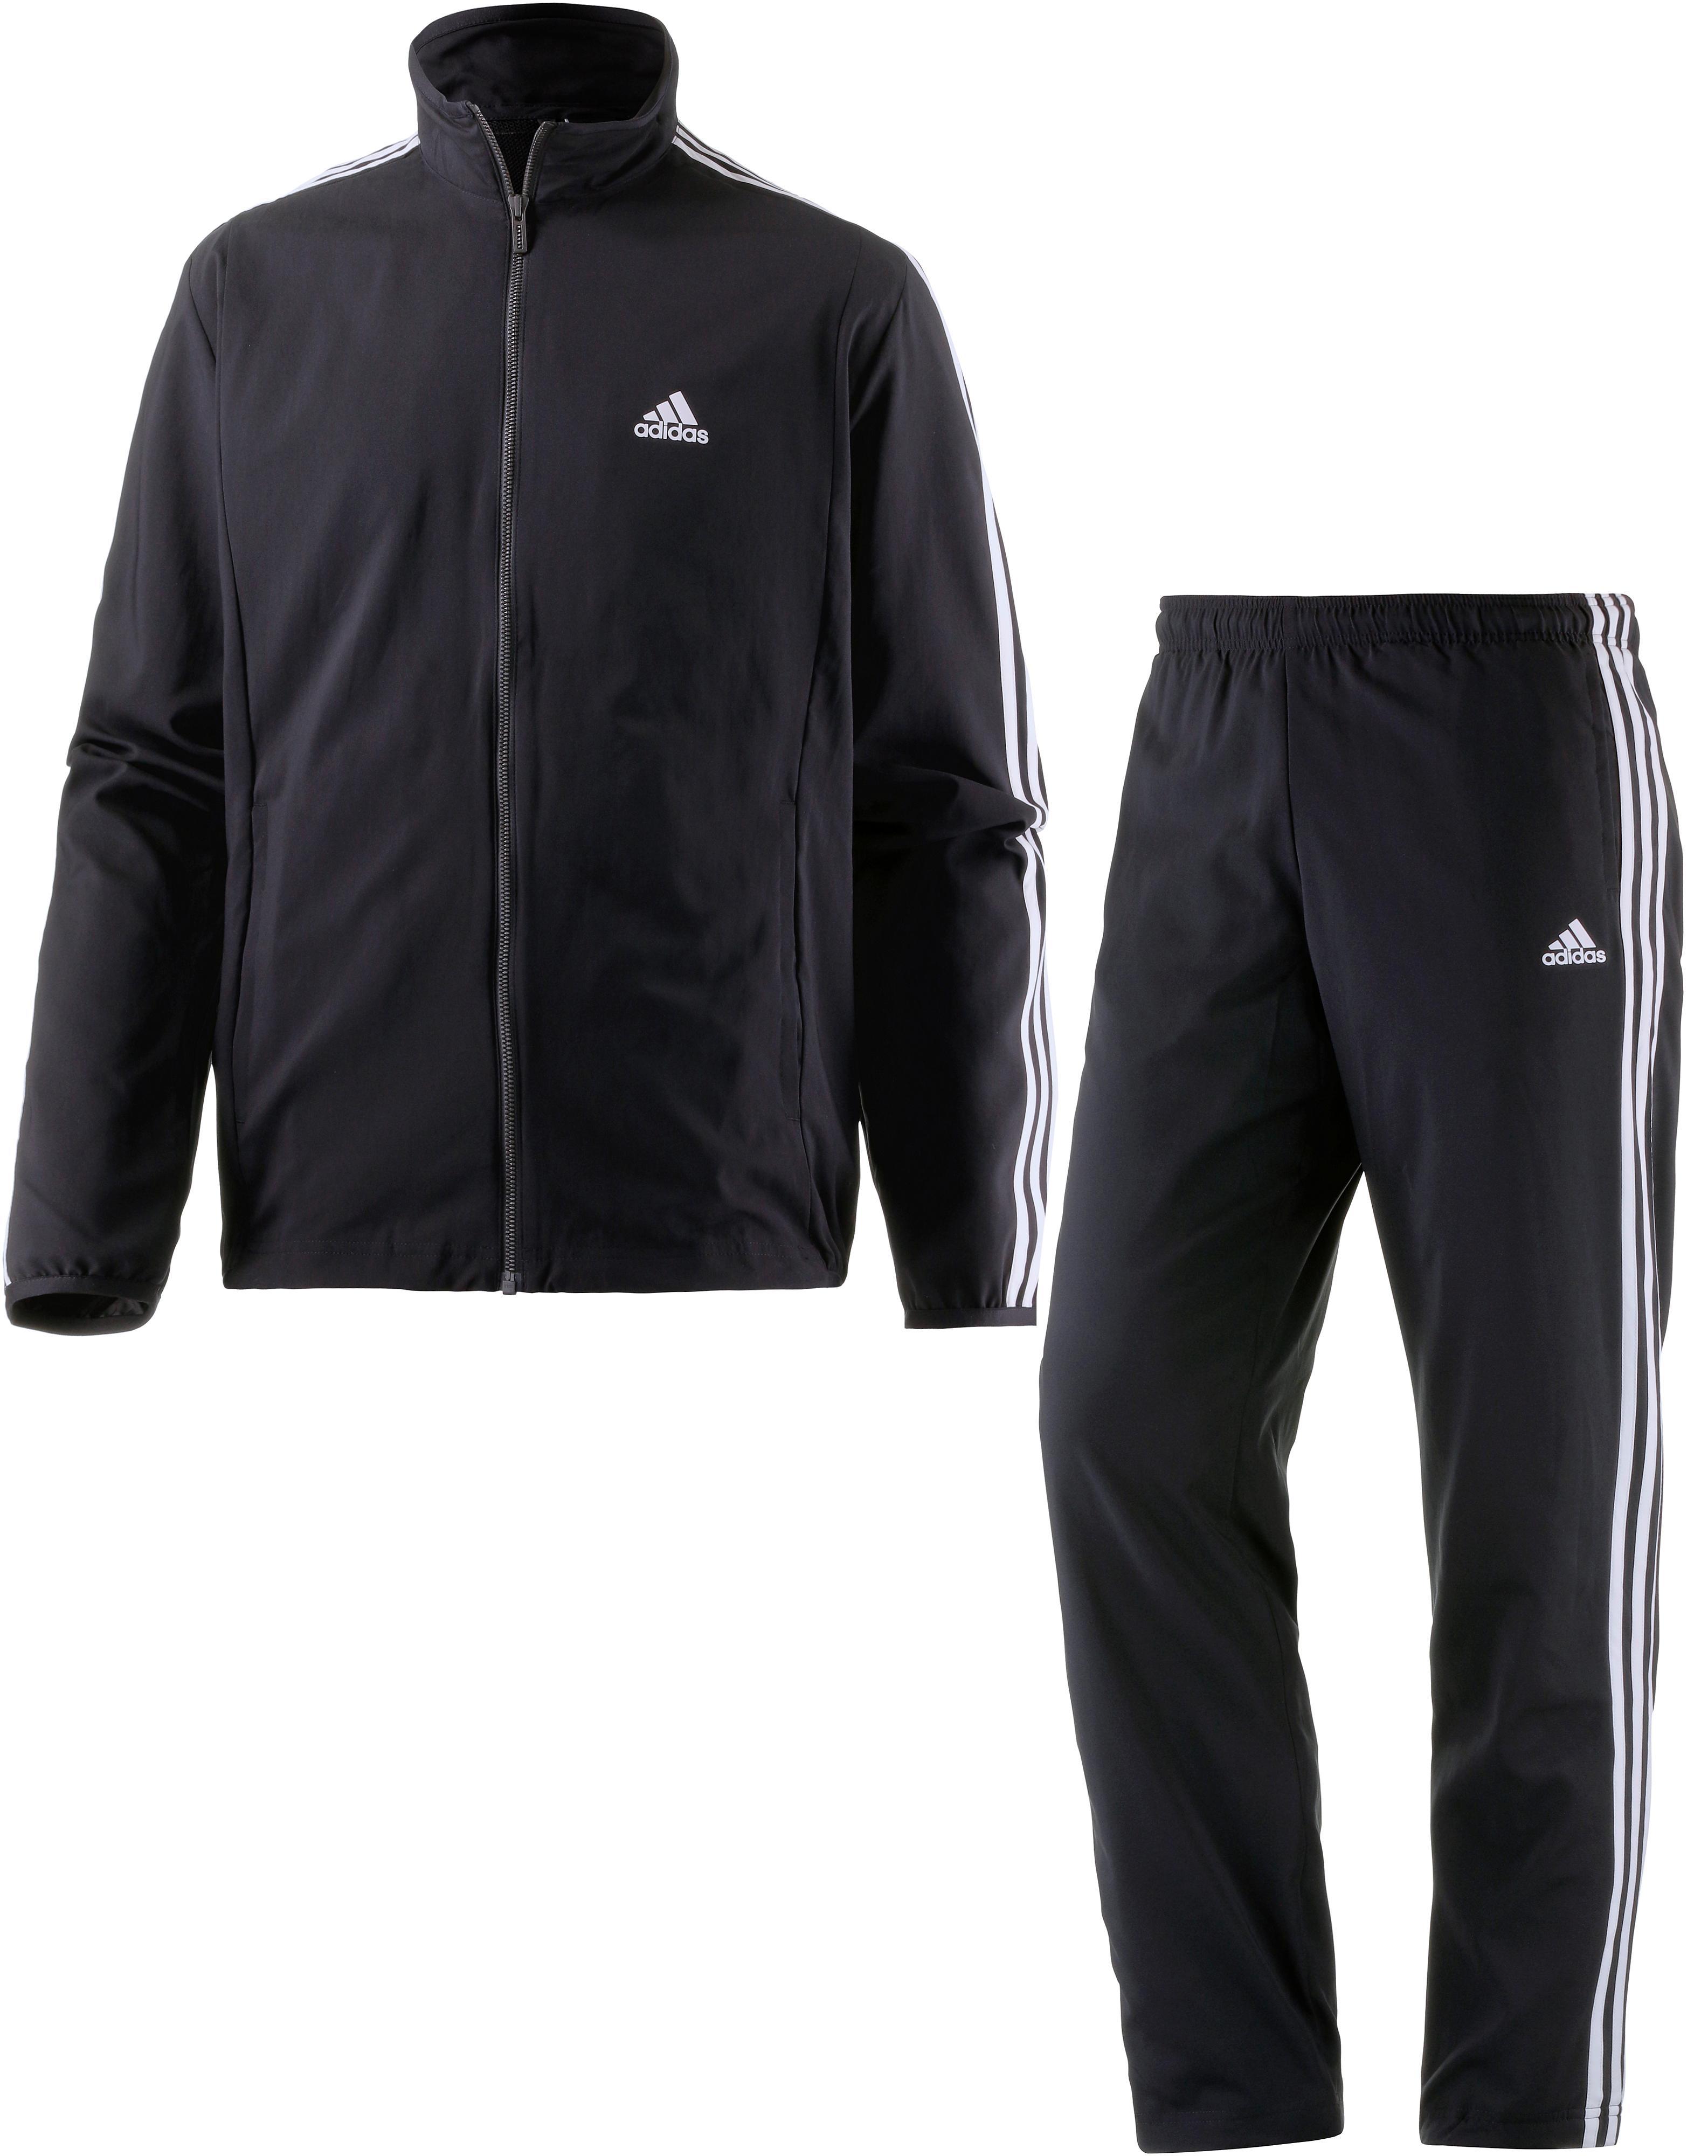 adidas Woven Light Trainingsanzug Herren schwarz im Online Shop von SportScheck kaufen